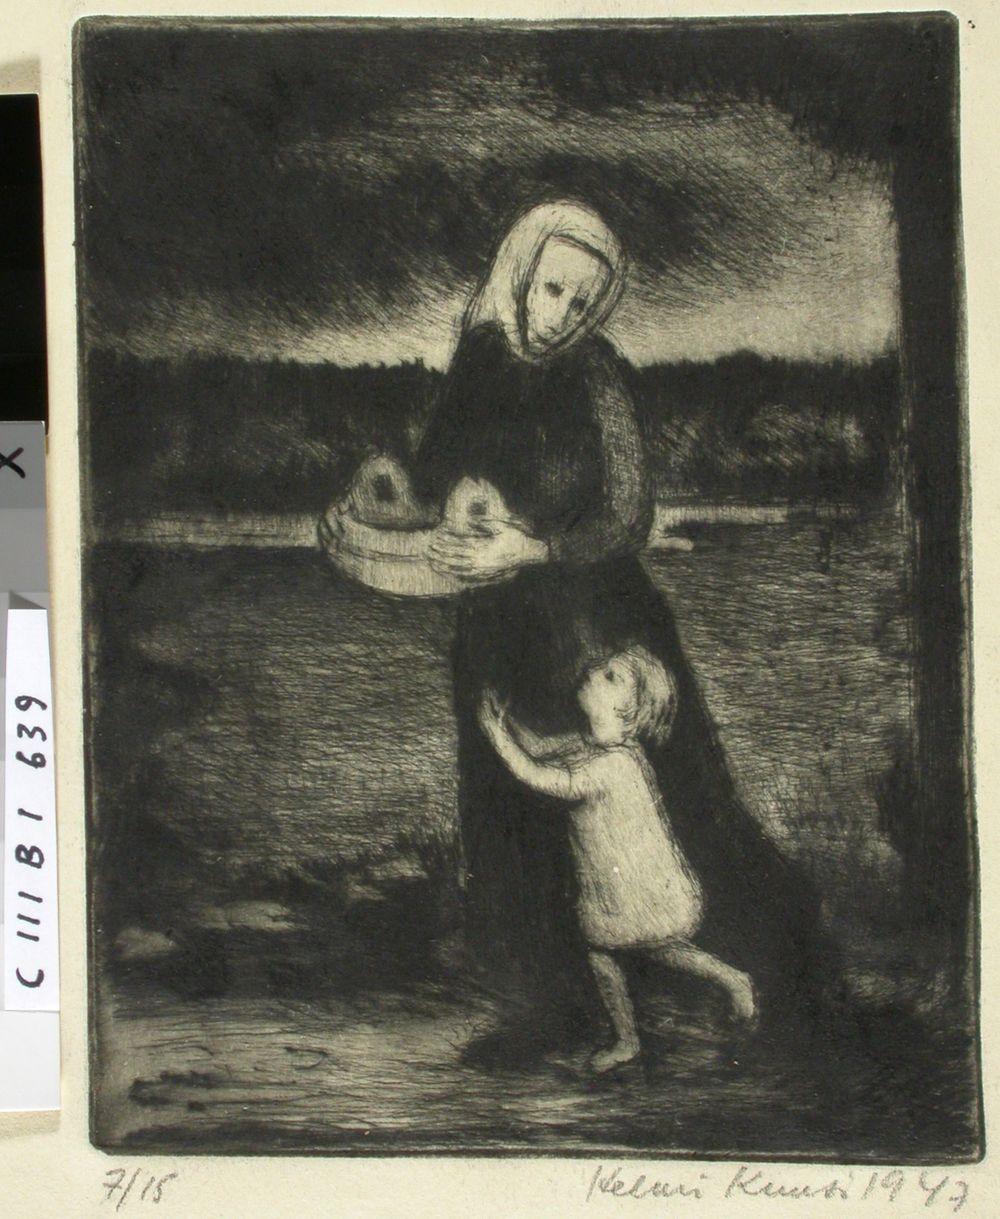 """Kuvitus Mustapään runoon """"Commemaratio animarum"""" kokoelmassa """"Koiruoho, ruusunkukka"""""""